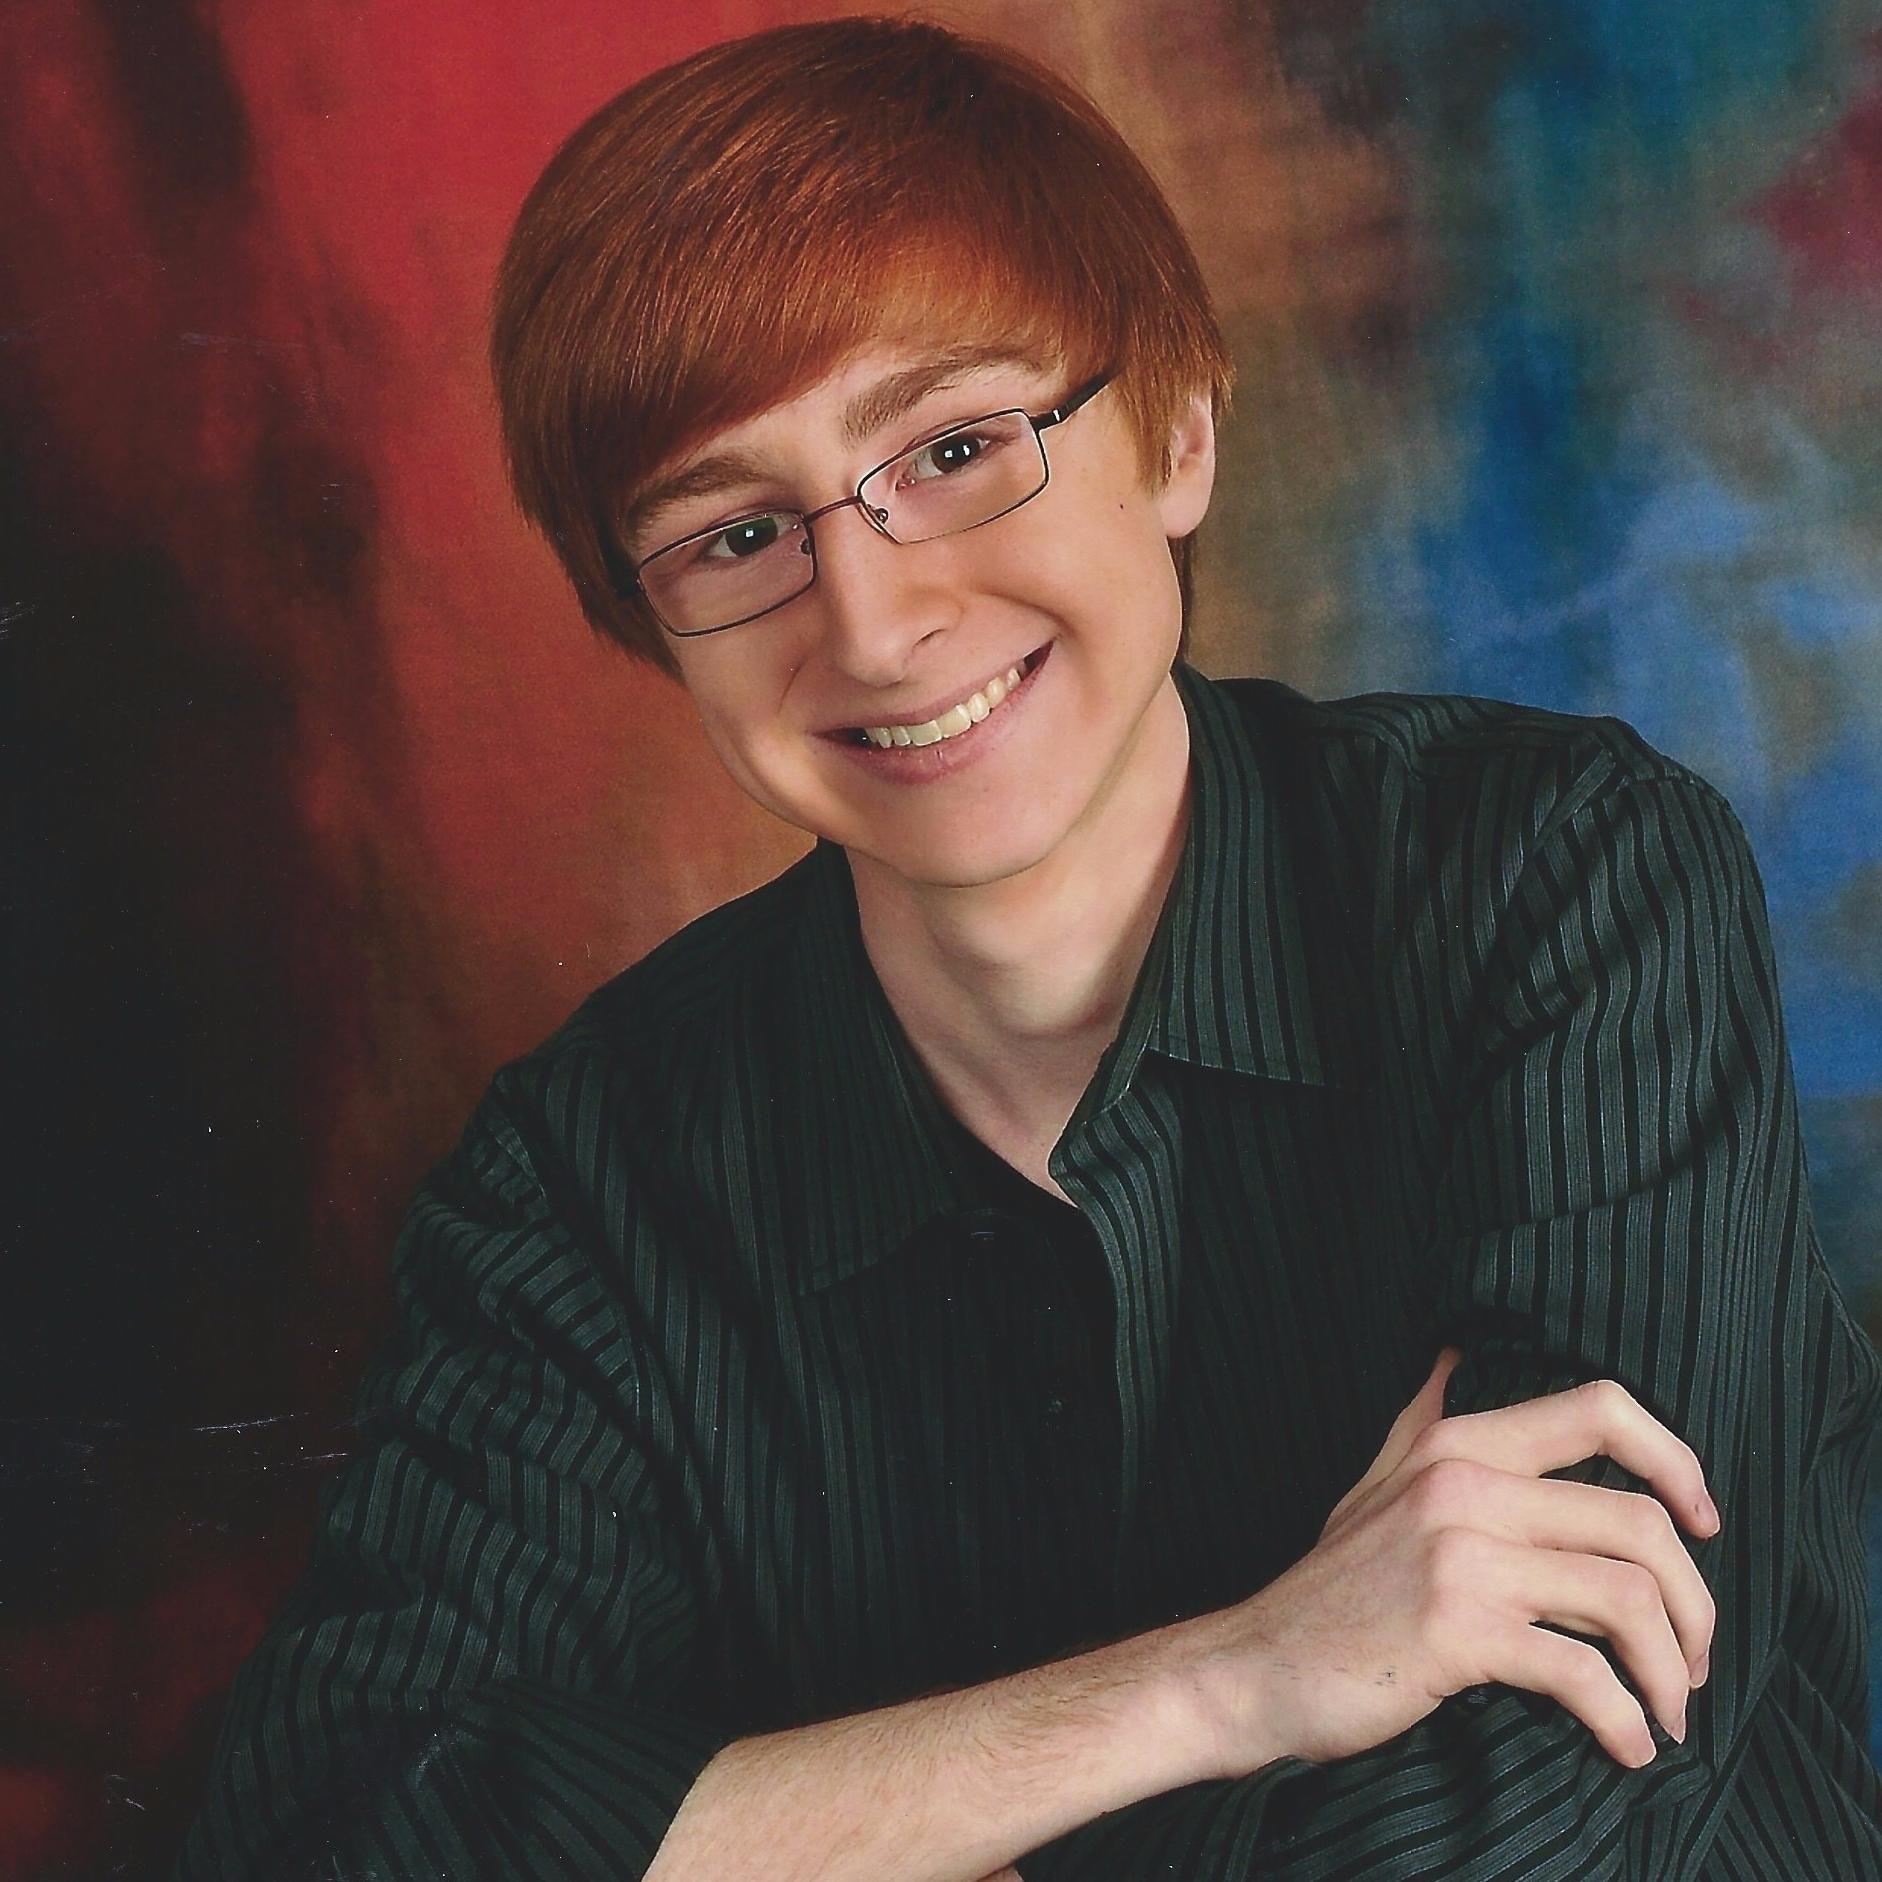 Jeffrey Tomblin